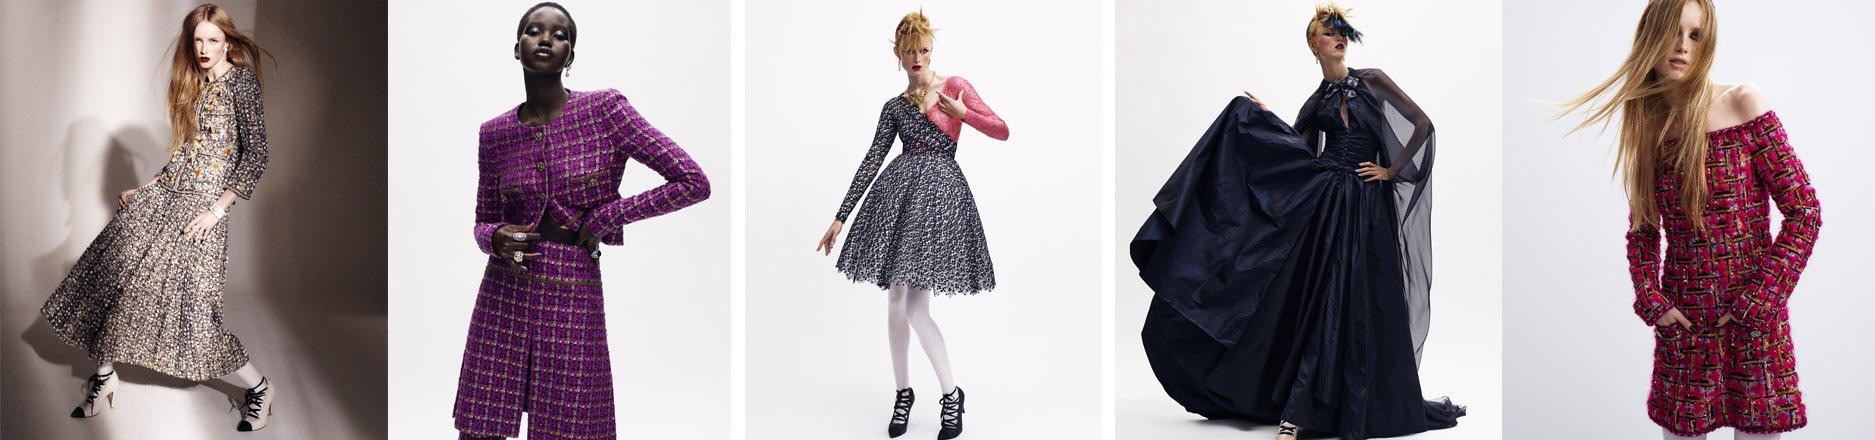 Chanel rinde tributo a Karl Lagerfeld en su colección Alta Costura 2020/2021